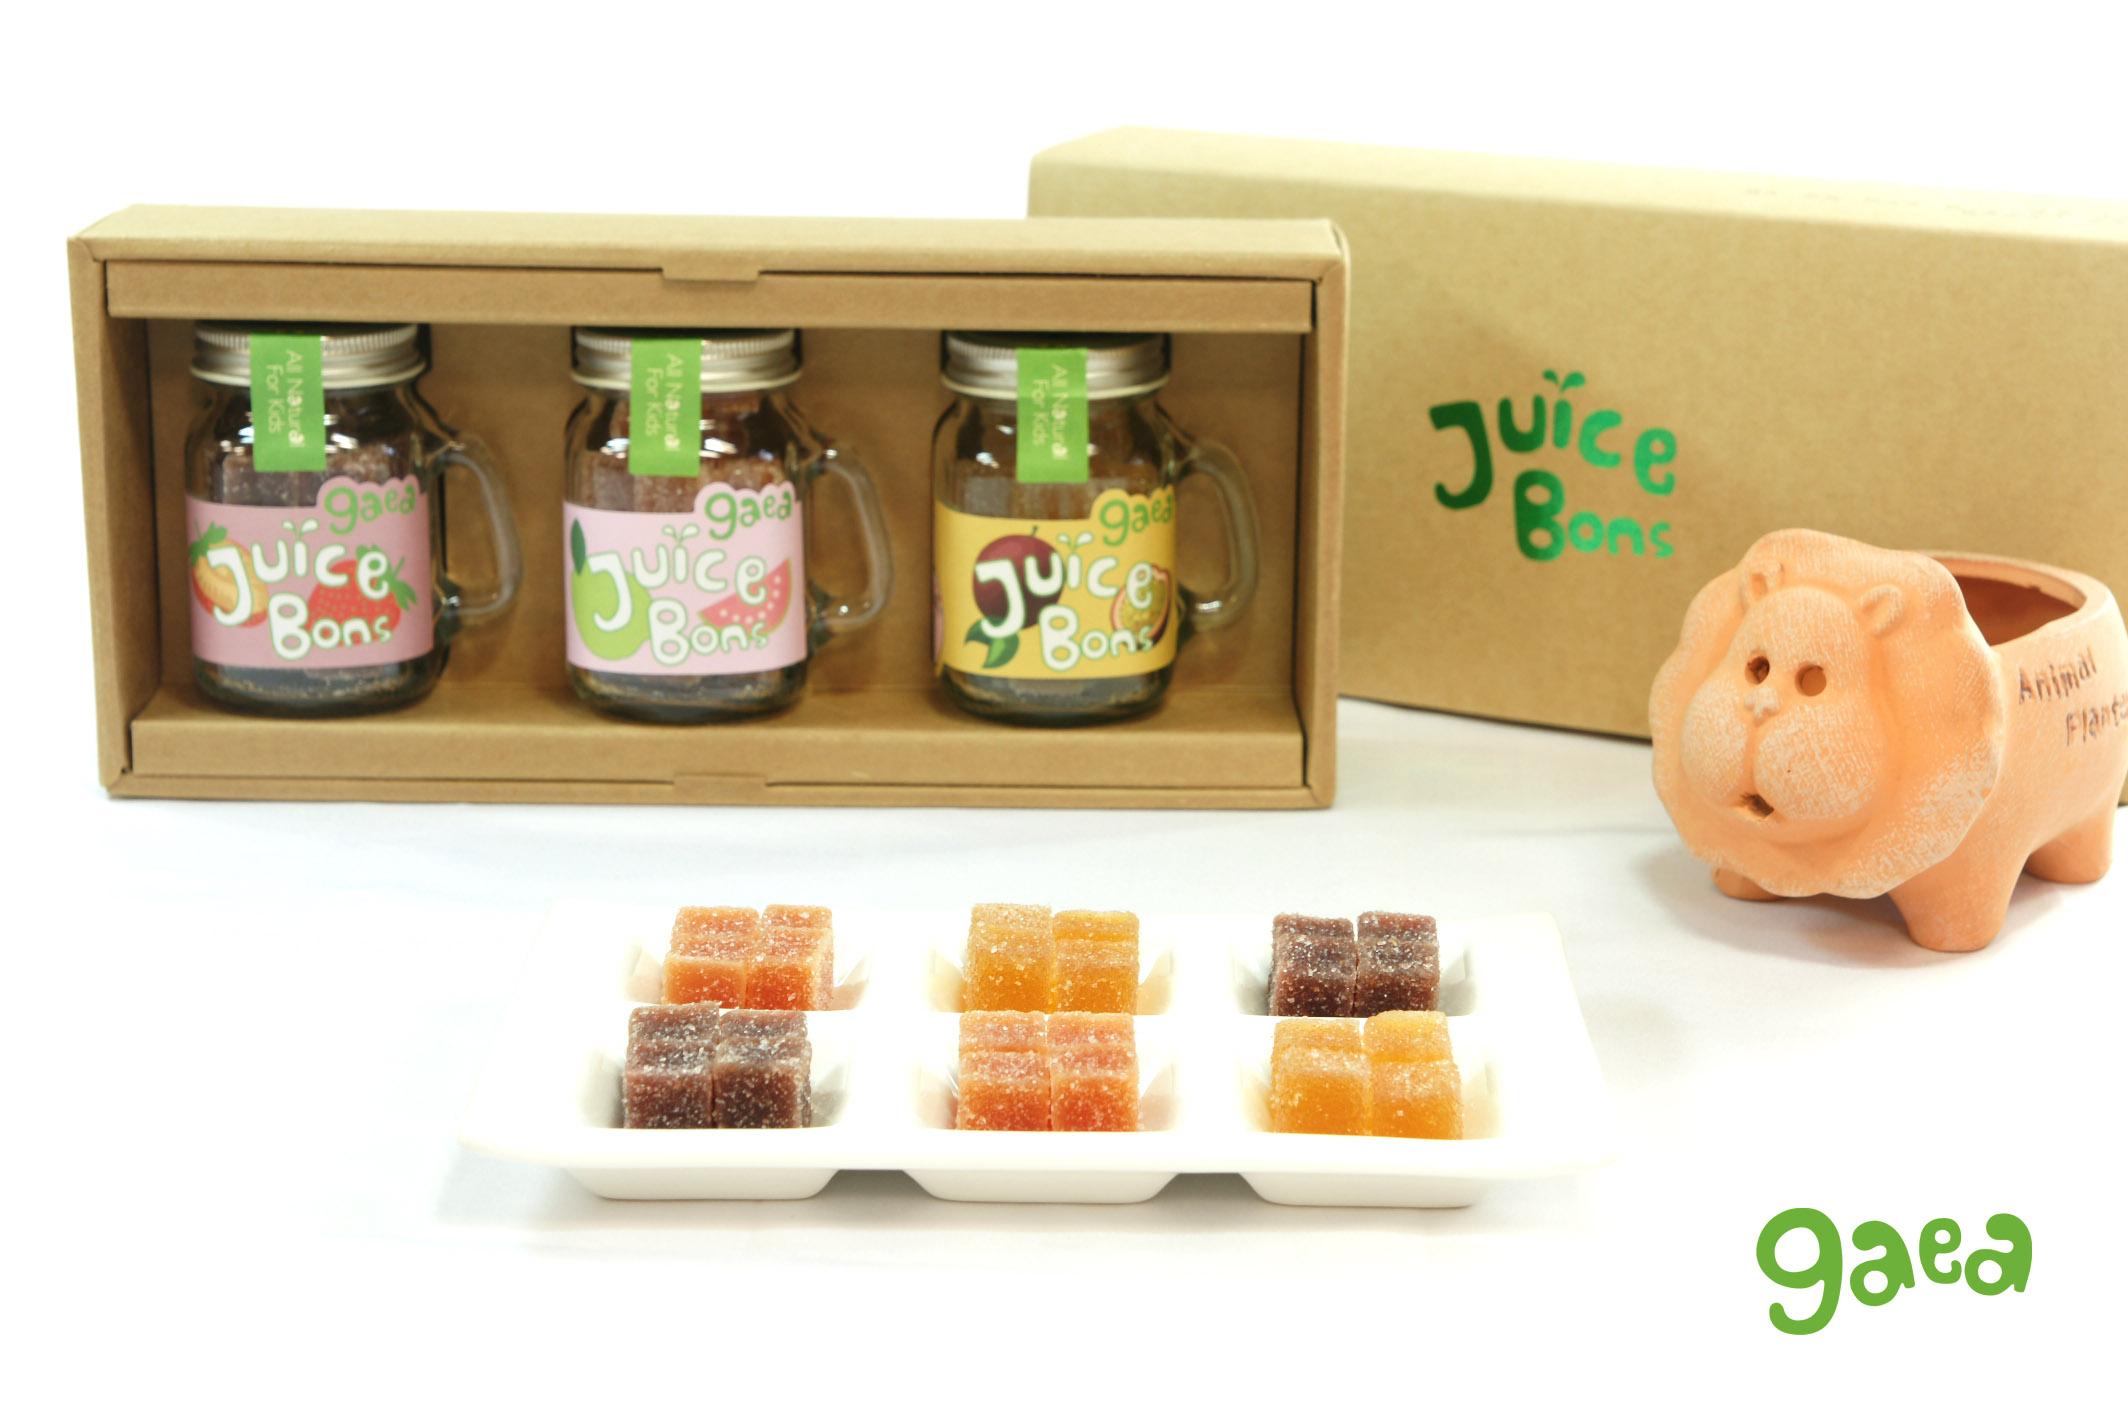 吉芽水果軟糖-綜合口味 禮盒組